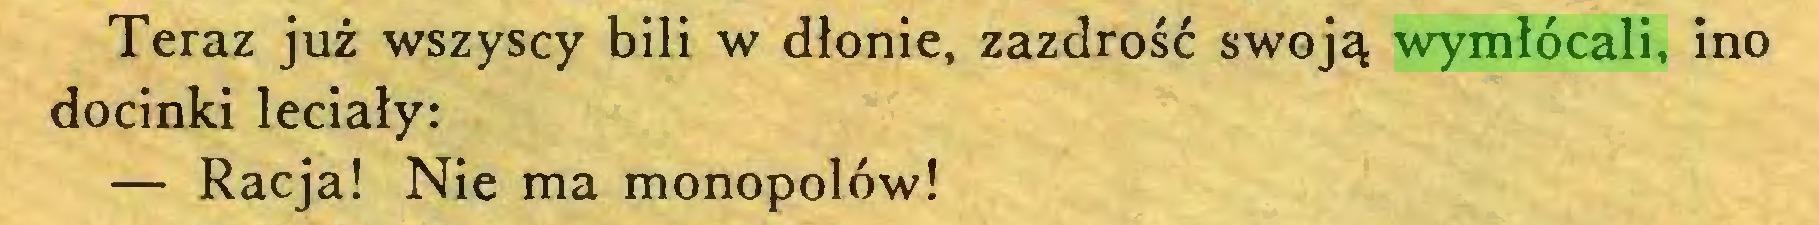 (...) Teraz już wszyscy bili w dłonie, zazdrość swoją wymłócali, ino docinki leciały: — Racja! Nie ma monopolów!...